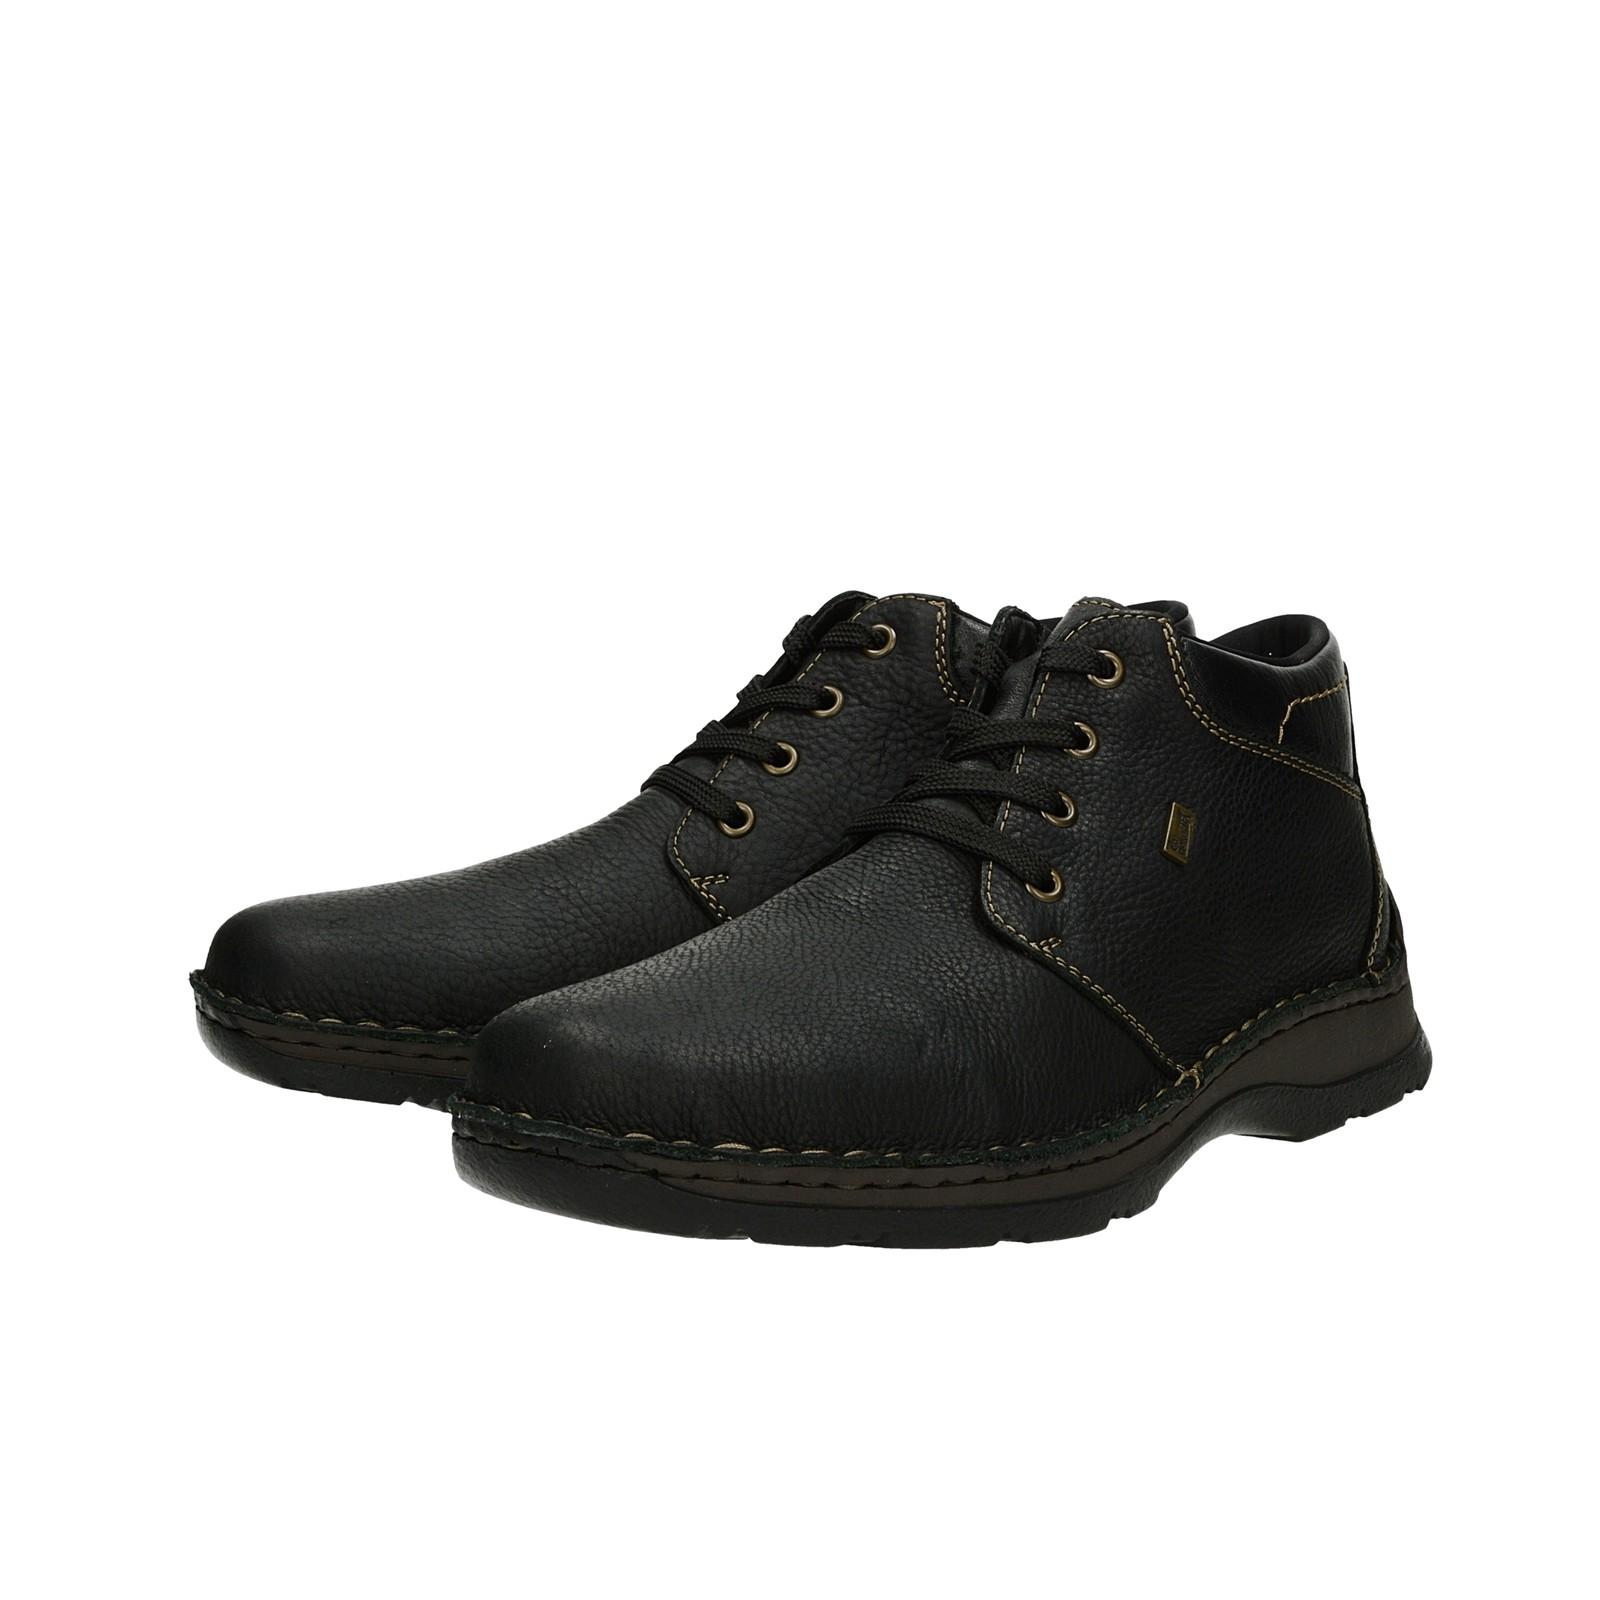 ... Rieker pánske zimné topánky - čierne ... a6dda8d5cf3